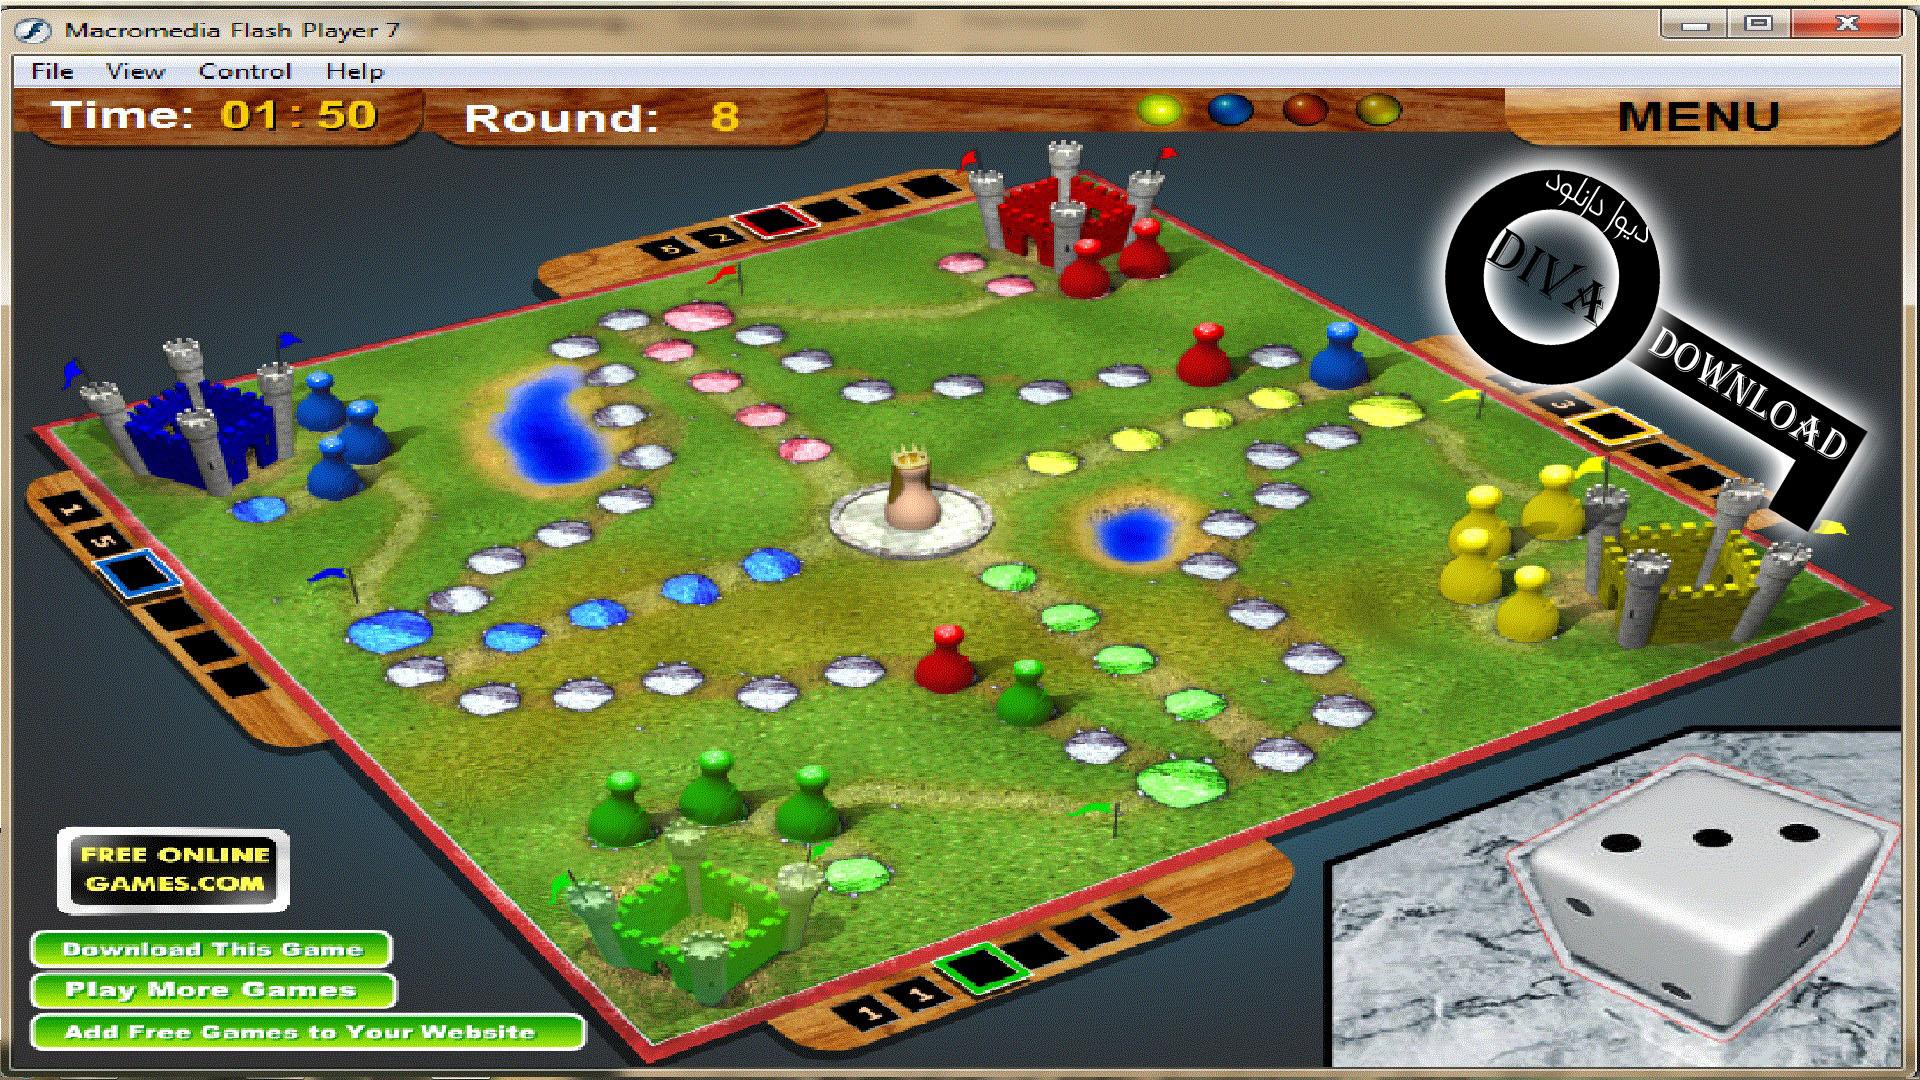 دانلود بازی منچ برای کامپیوتر